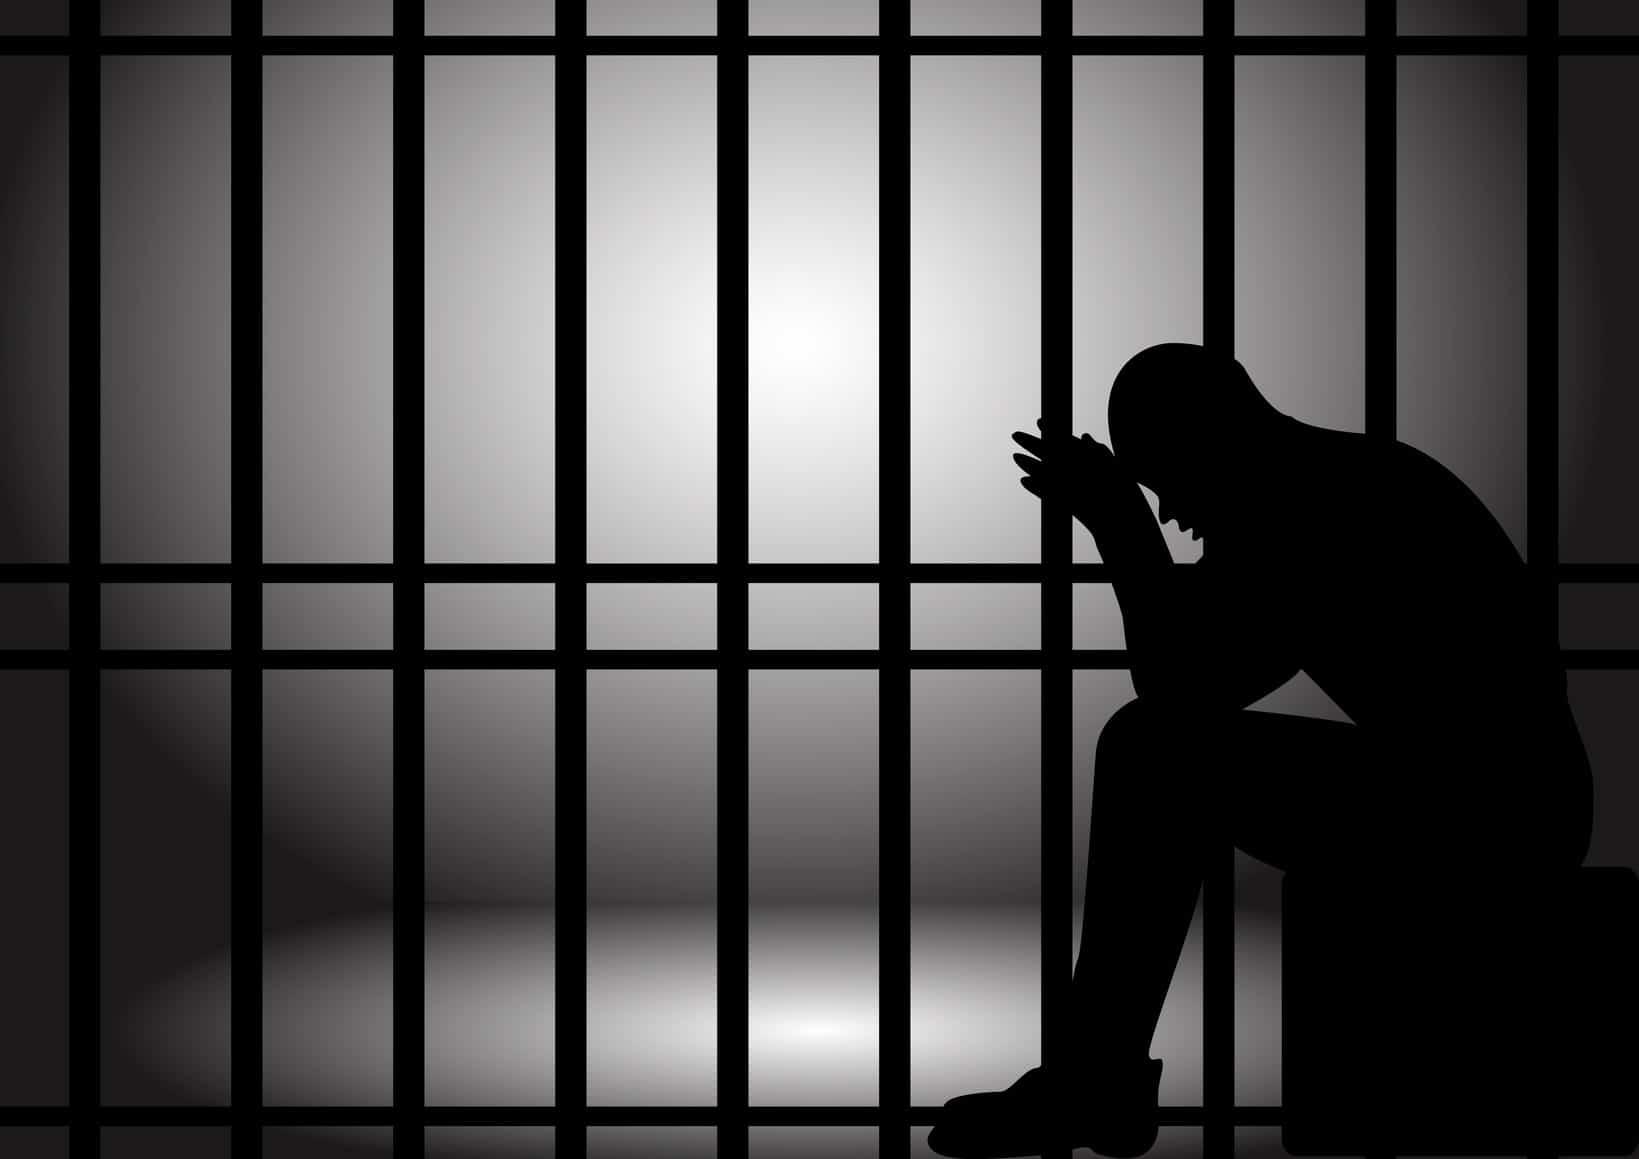 40887-تعبيرية-لشخص-في-السجن